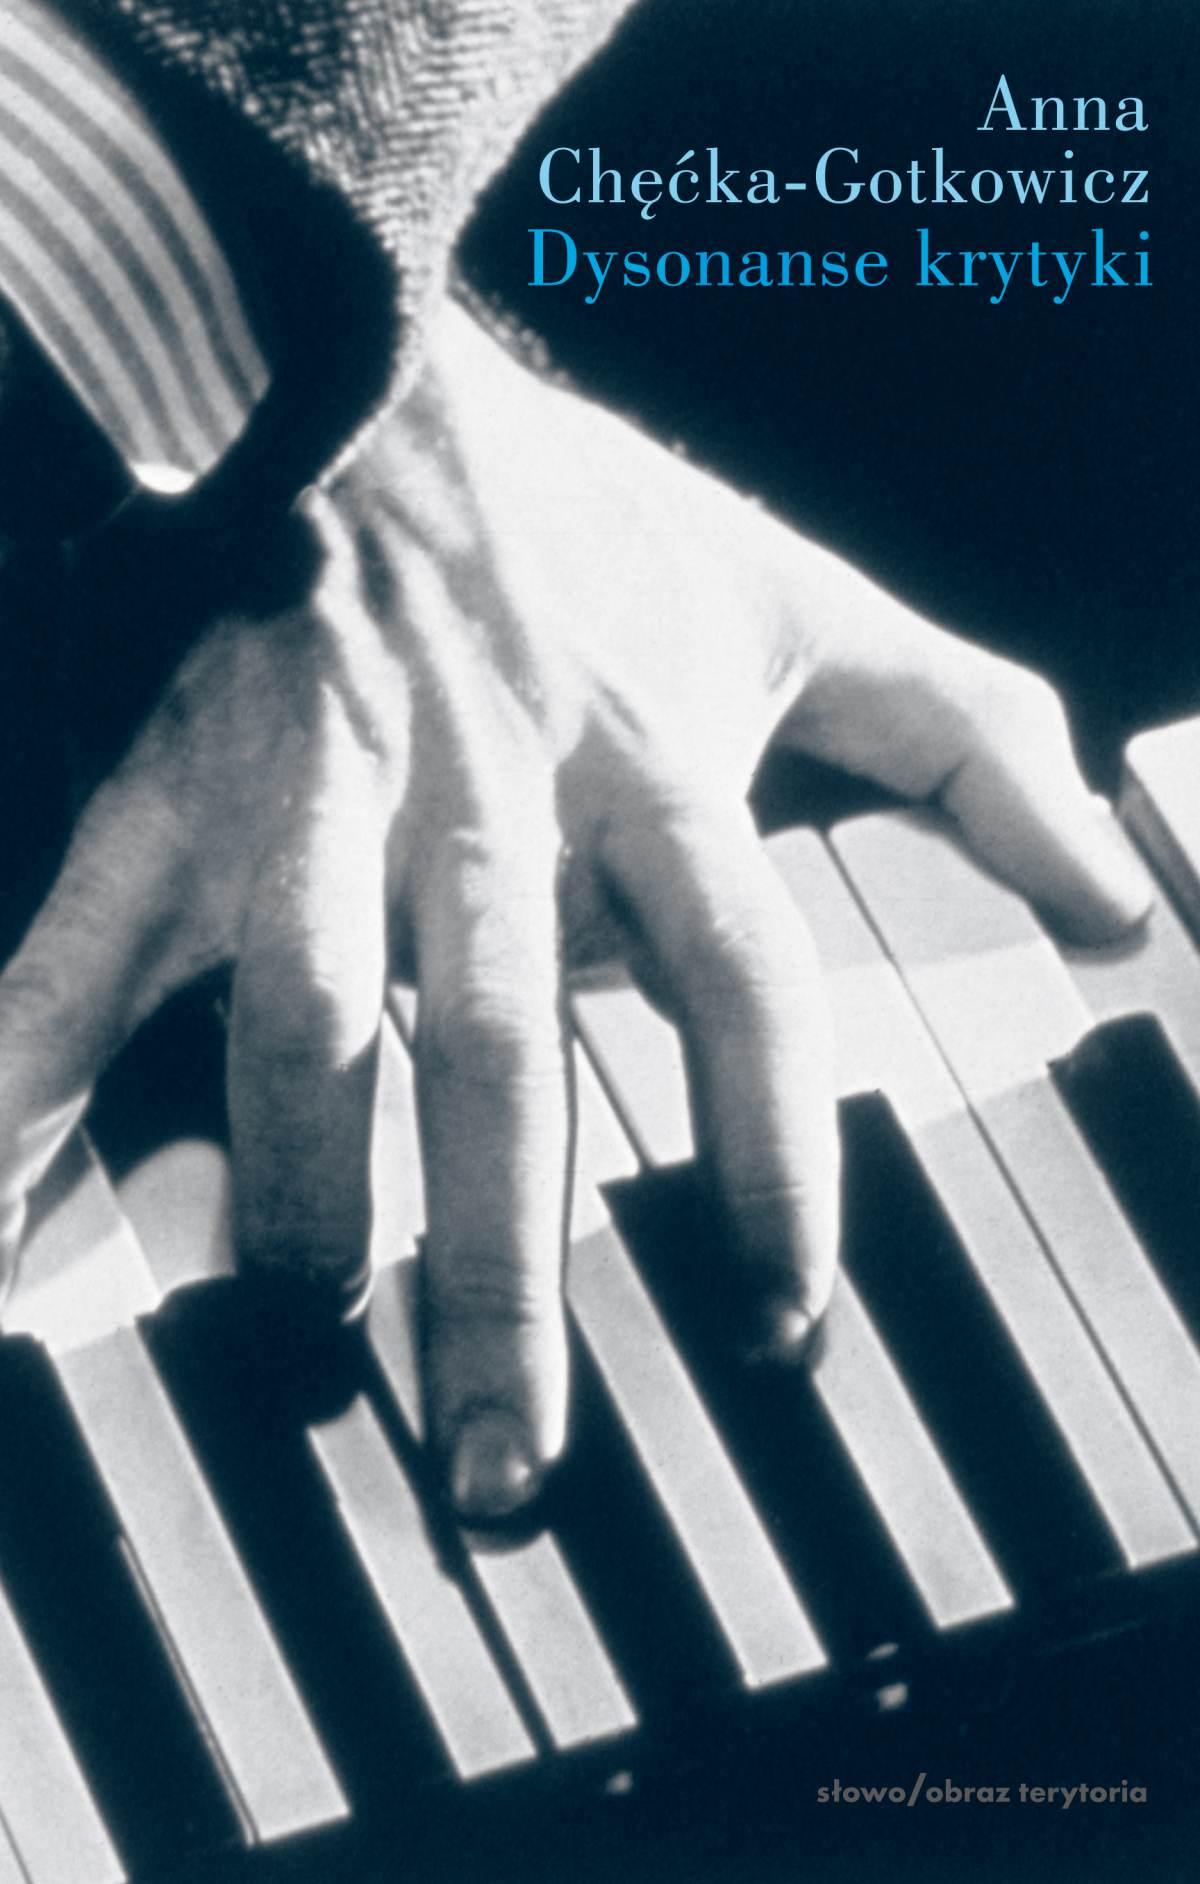 Dysonanse krytyki. O ocenie wykonania dzieła muzycznego - Ebook (Książka na Kindle) do pobrania w formacie MOBI